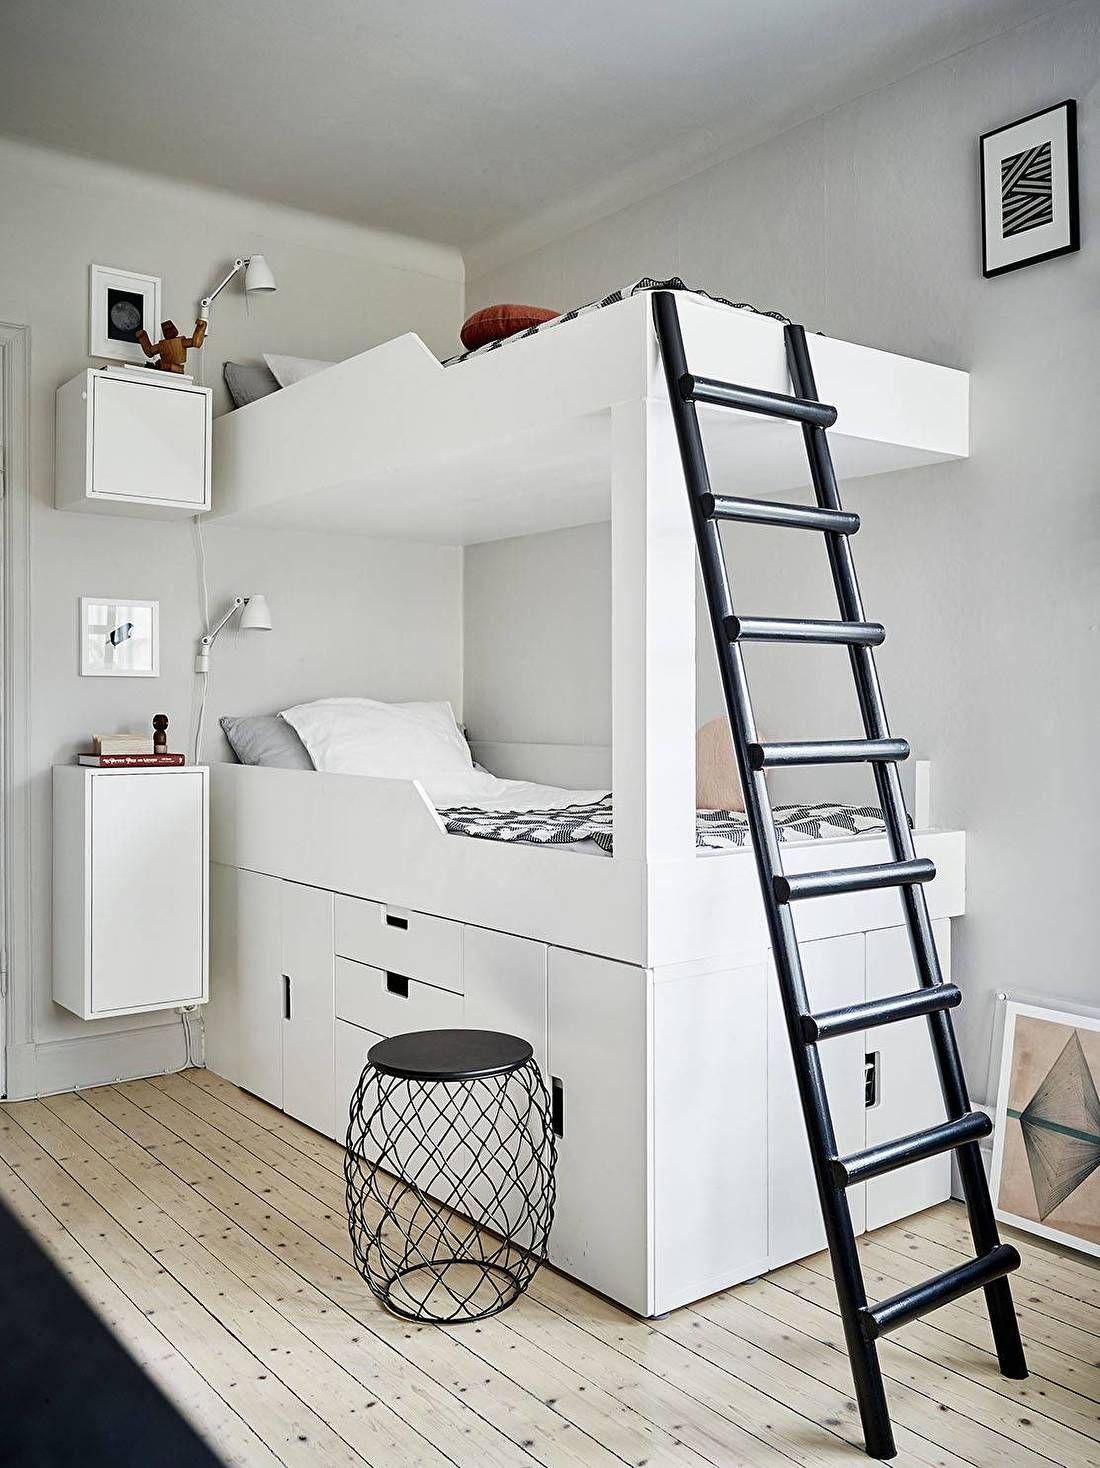 Ikea Hacks Ikea Loft Bed Scandinavian Bedroom Decor Stuva Loft Bed